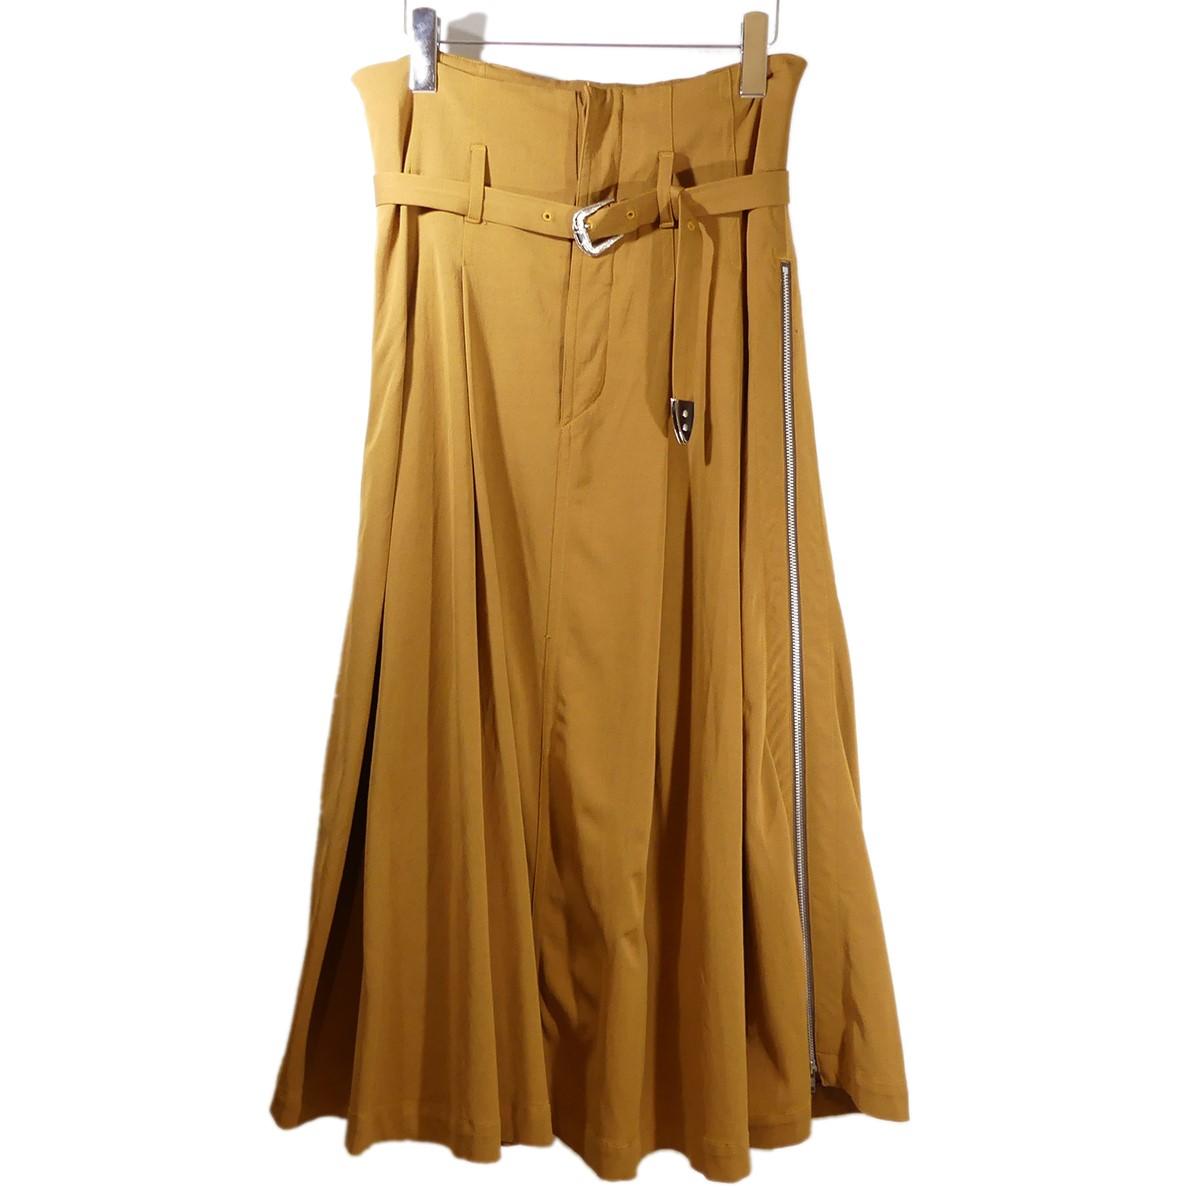 【中古】TOGA PULLA レーヨンツイルスカート 2018AW ブラウン サイズ:36 【200220】(トーガ プルラ)